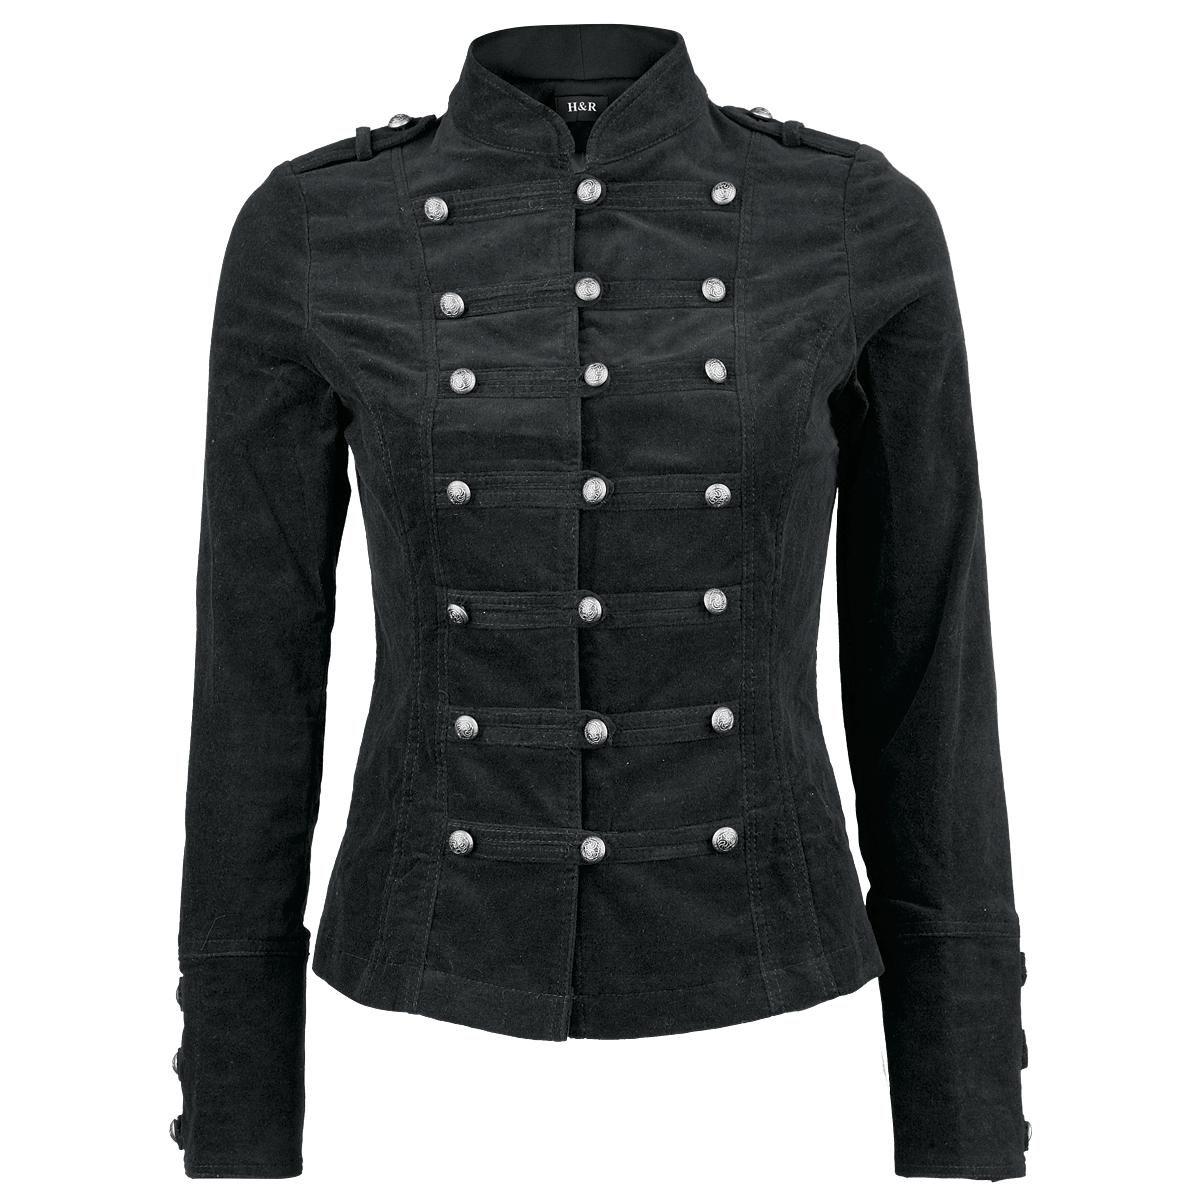 black velvet jacket by h london. | Black velvet jacket